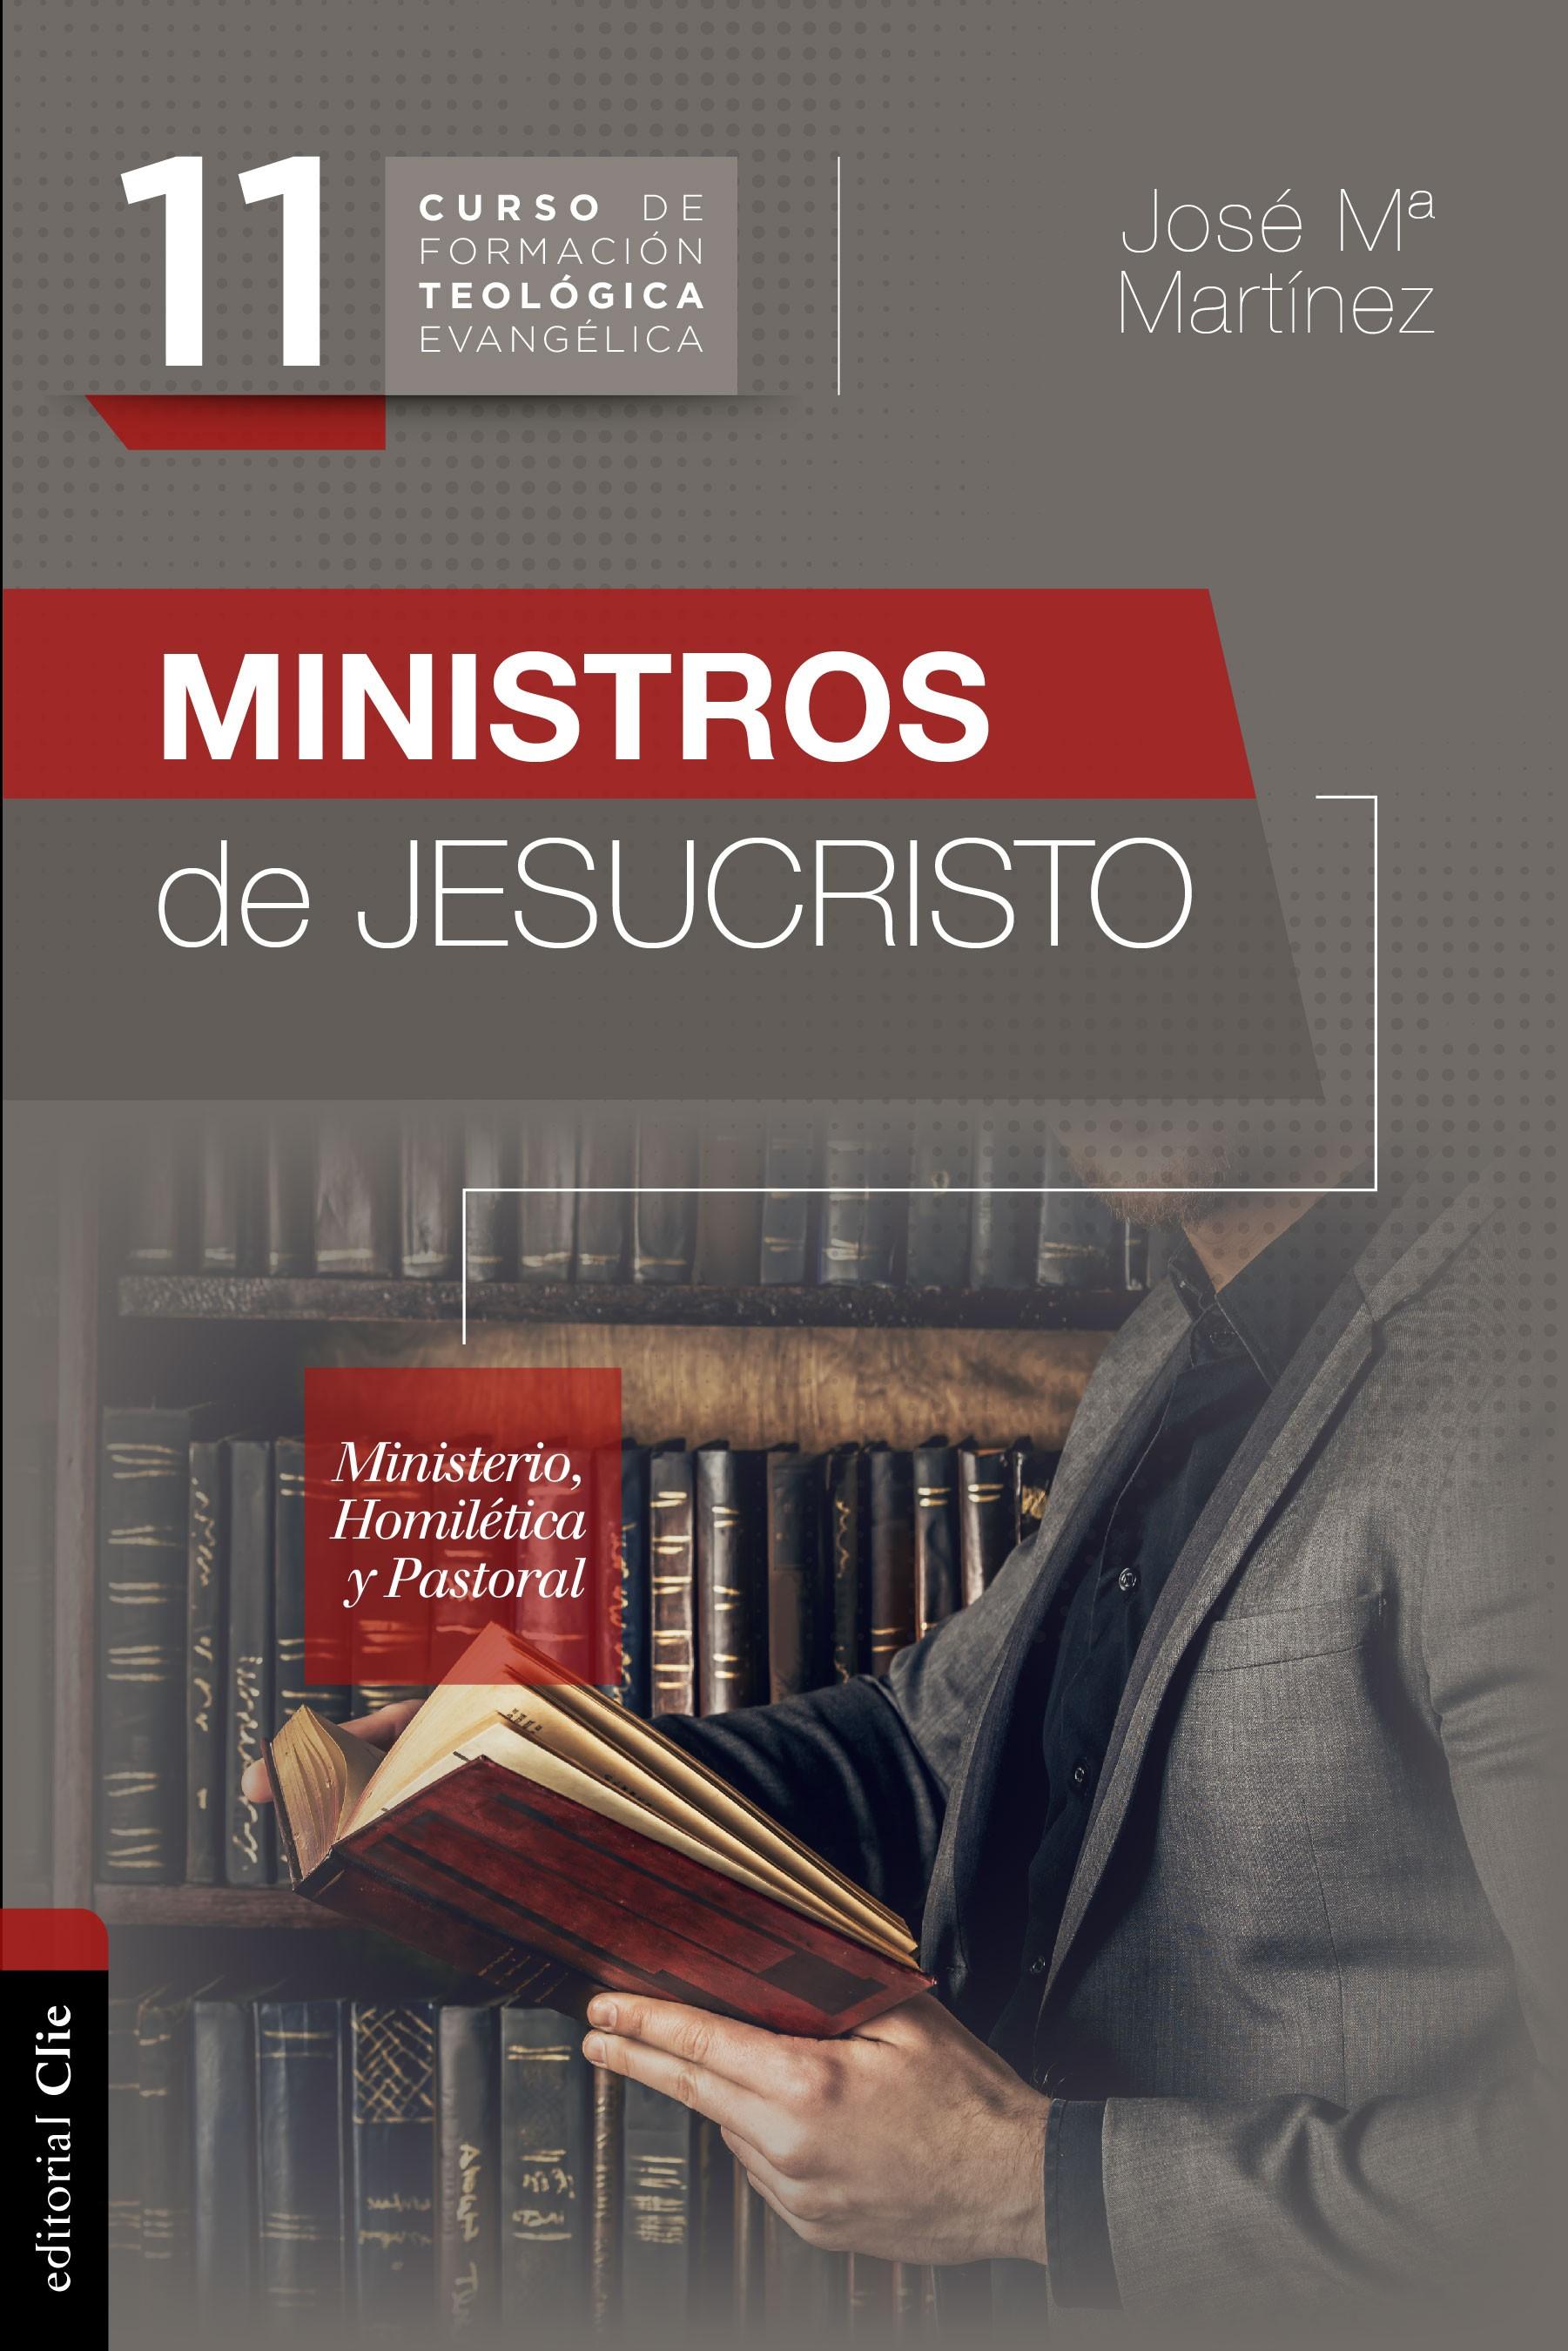 11. CURSO DE FORMACIÓN TEOLÓGICA EVANGÉLICA: MINISTROS DE JESUCRISTO